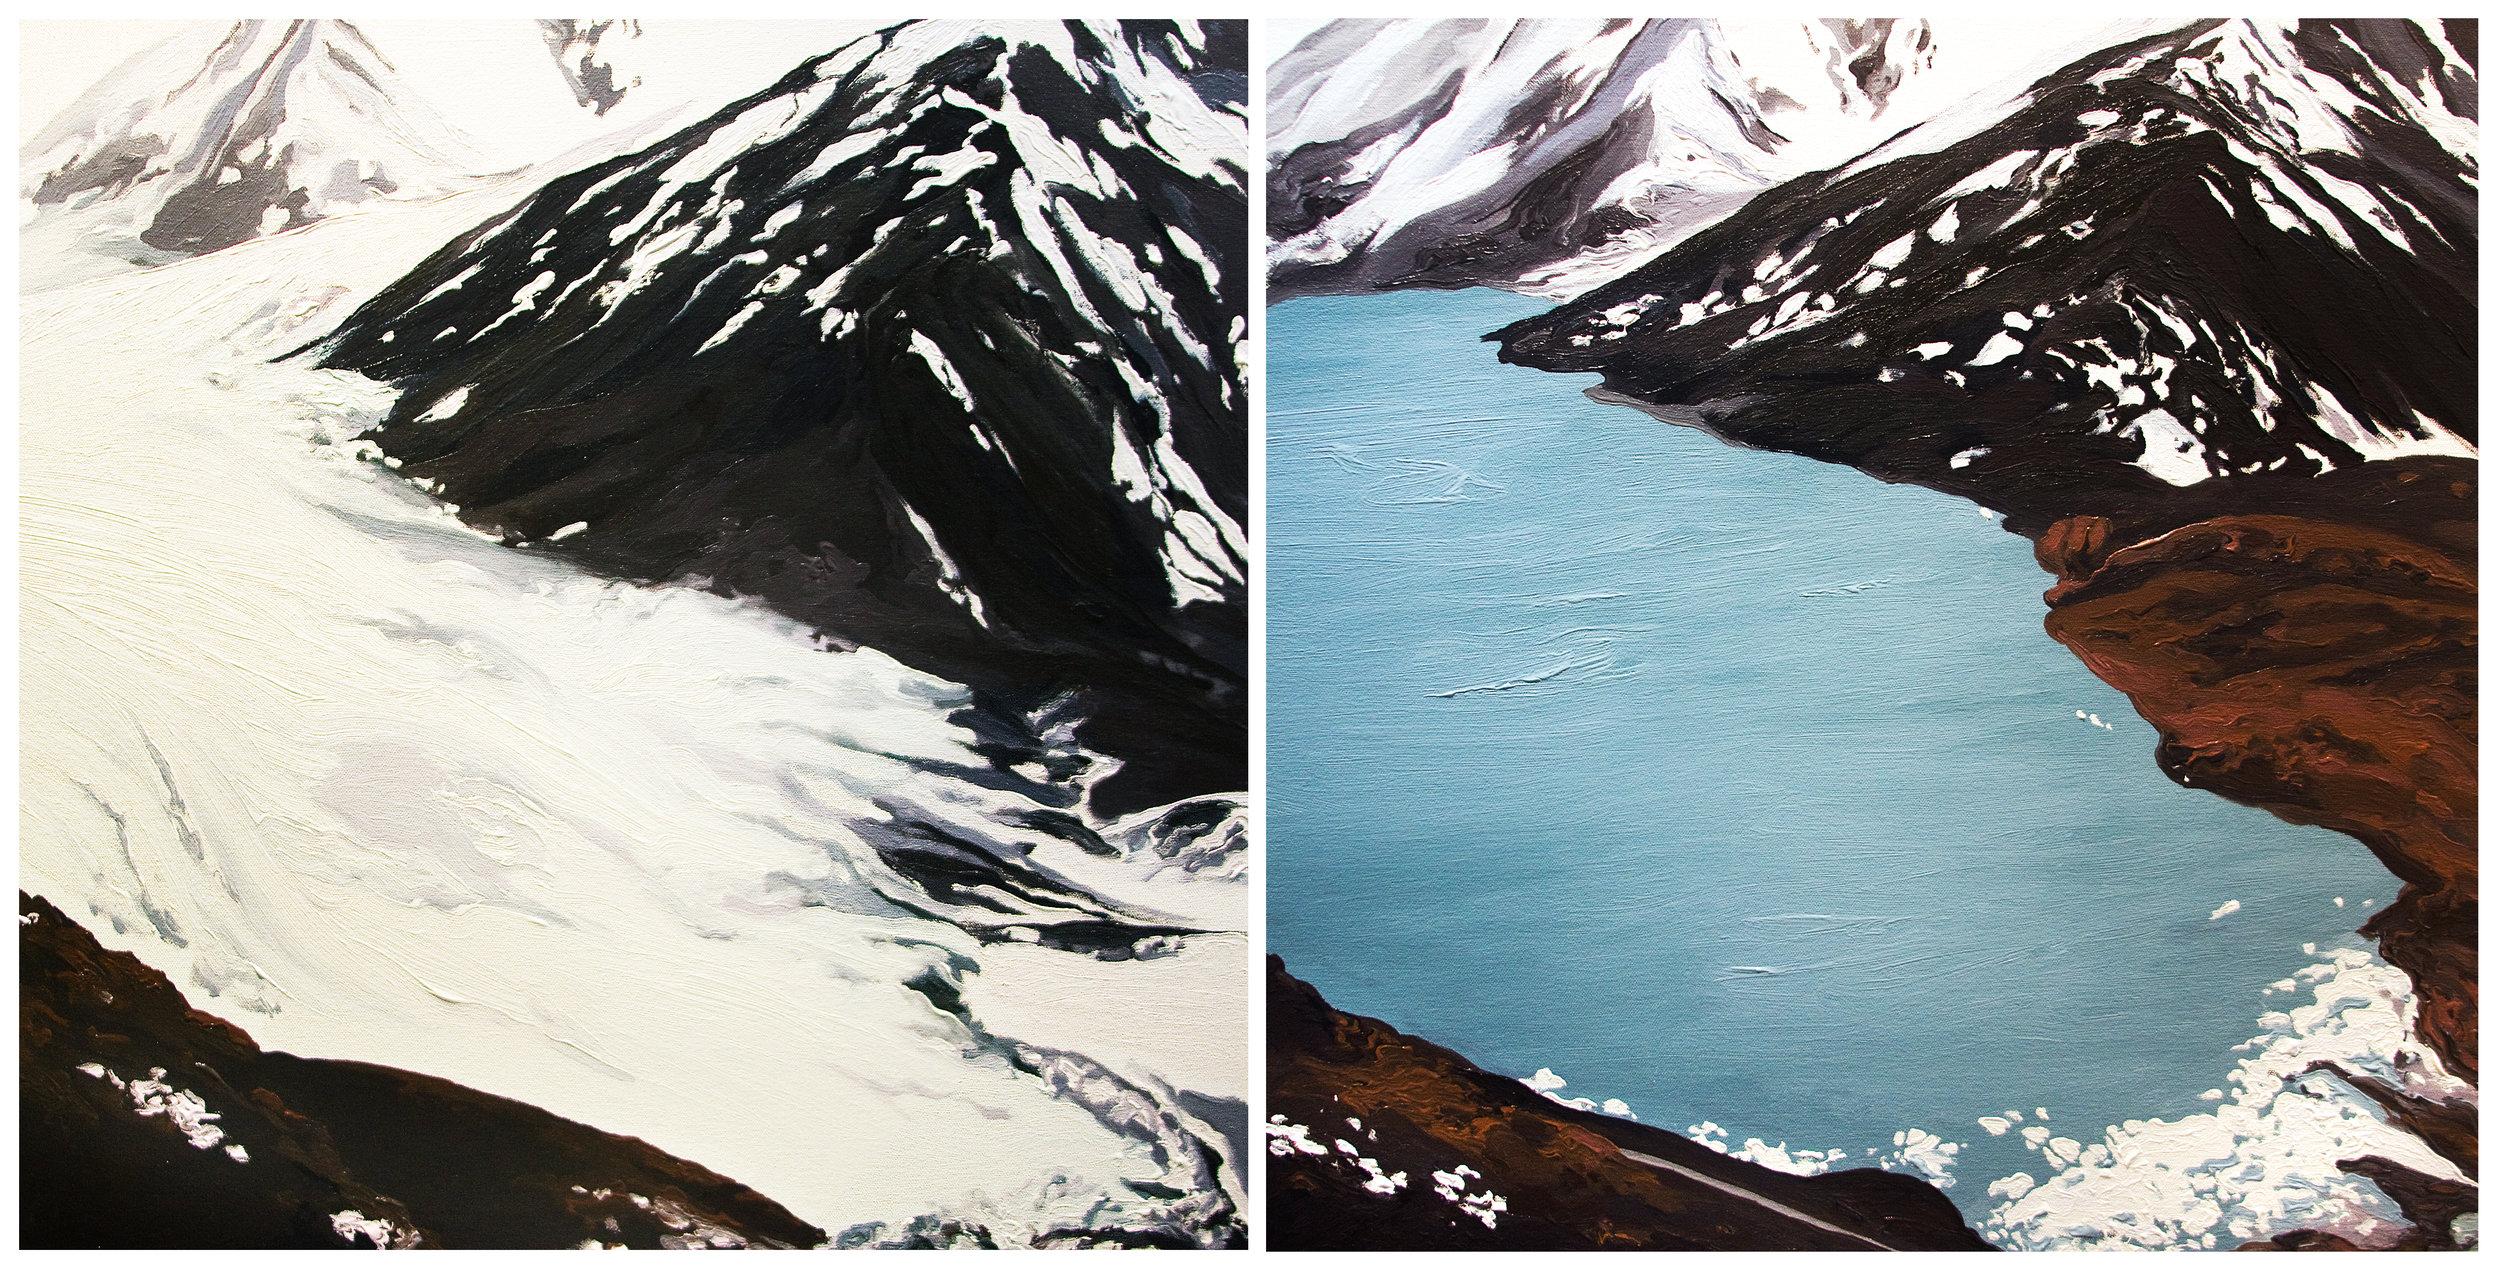 Portage Glacier 1, 2